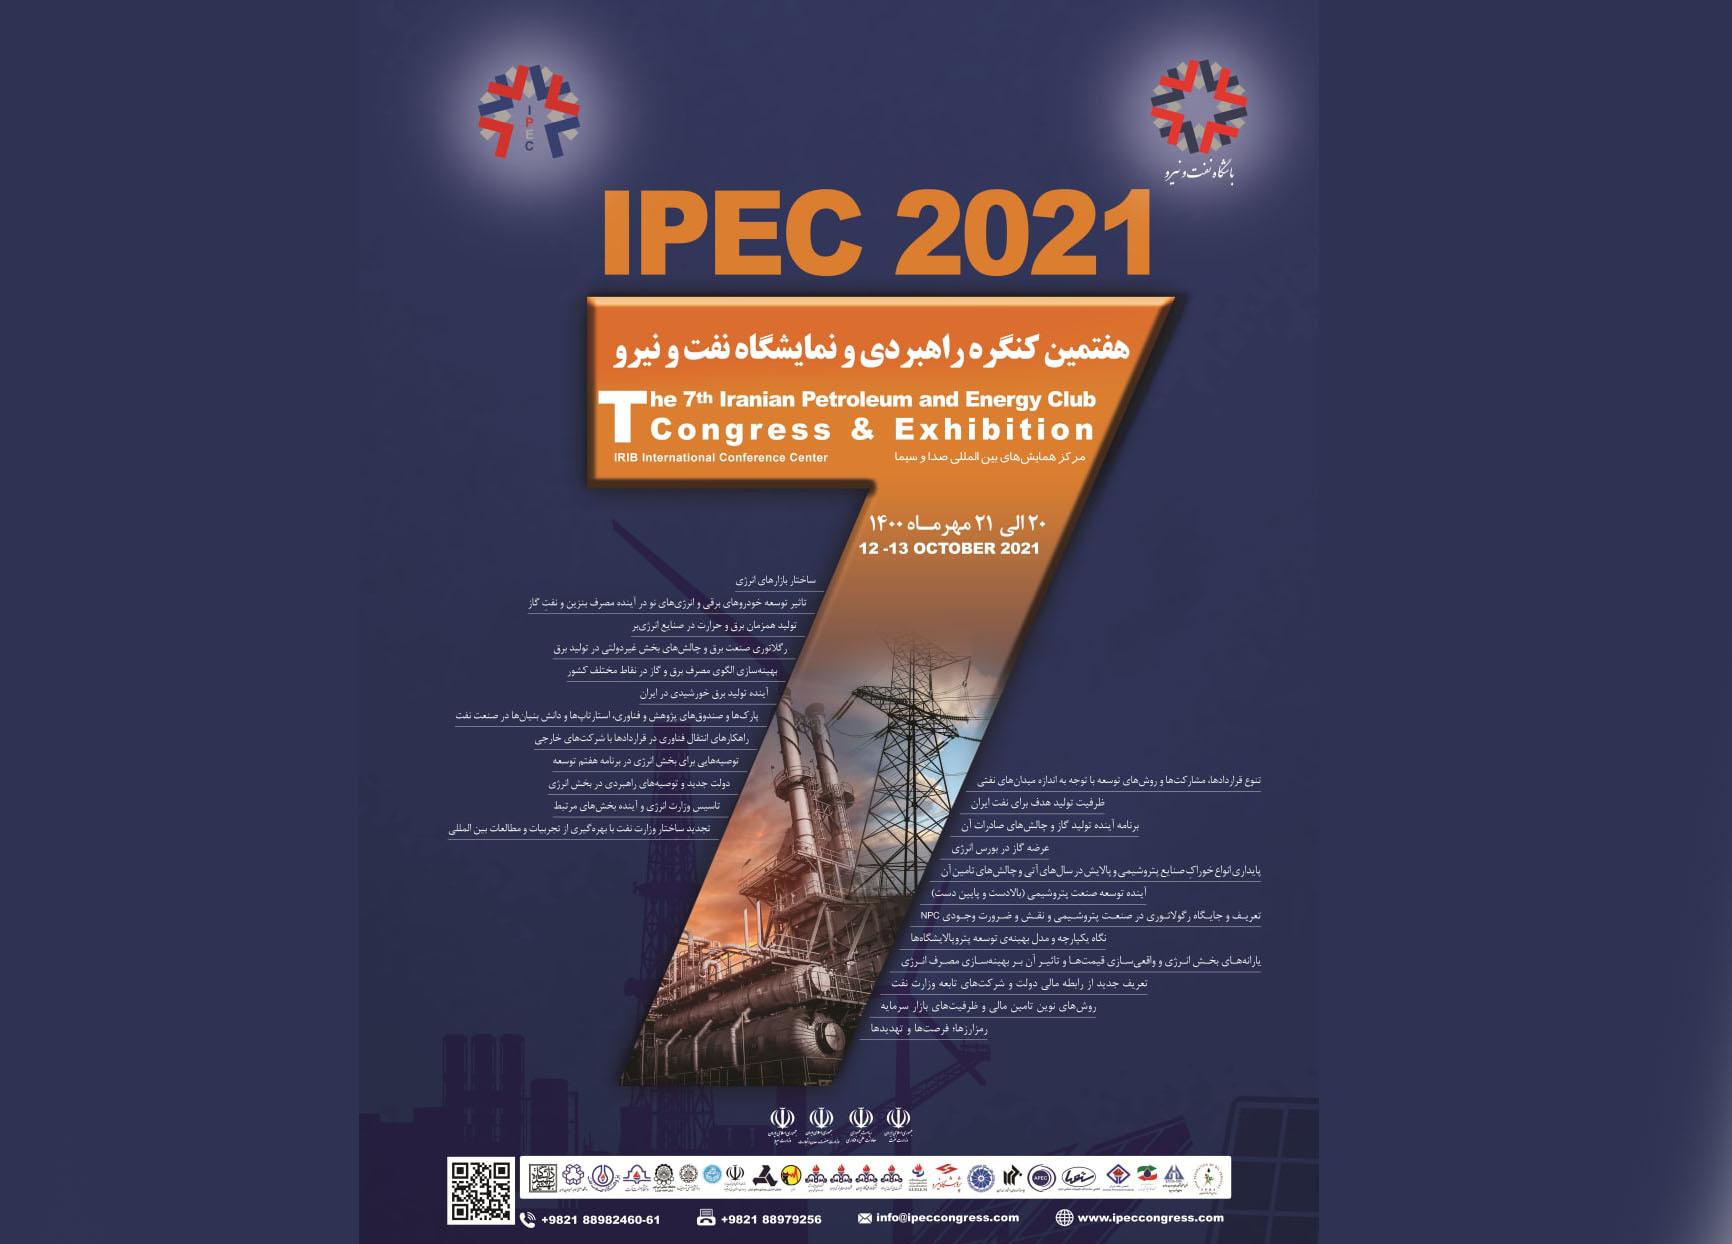 هفتمین کنگره راهبردی و نمایشگاه نفت و نیرو(IPEC 2021 ) در تهران